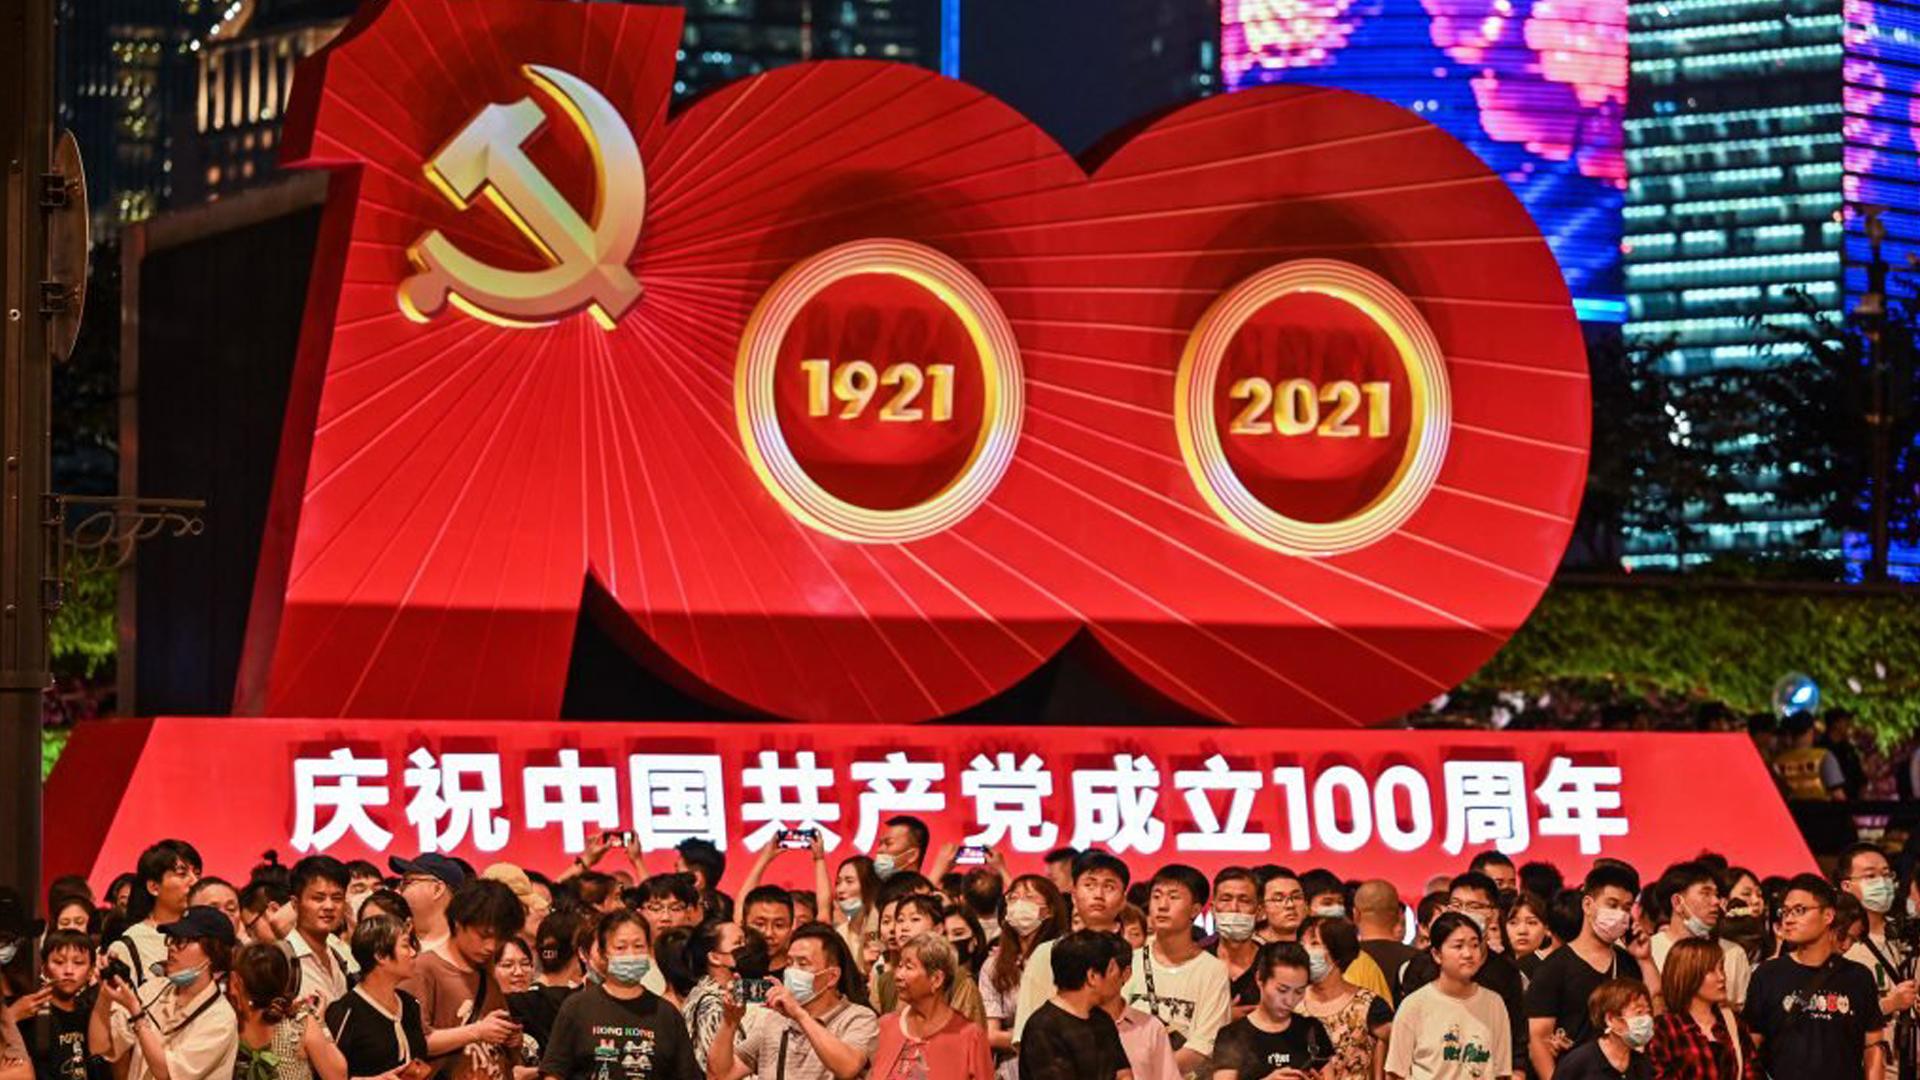 """""""La trayectoria indica que mucho antes de 2049 China va a estar consolidada como la mayor potencia económica del mundo"""", afirma, convencido, el director del Observatorio Sino-Argentino Patricio Giusto. Foto: Archivo DEF."""